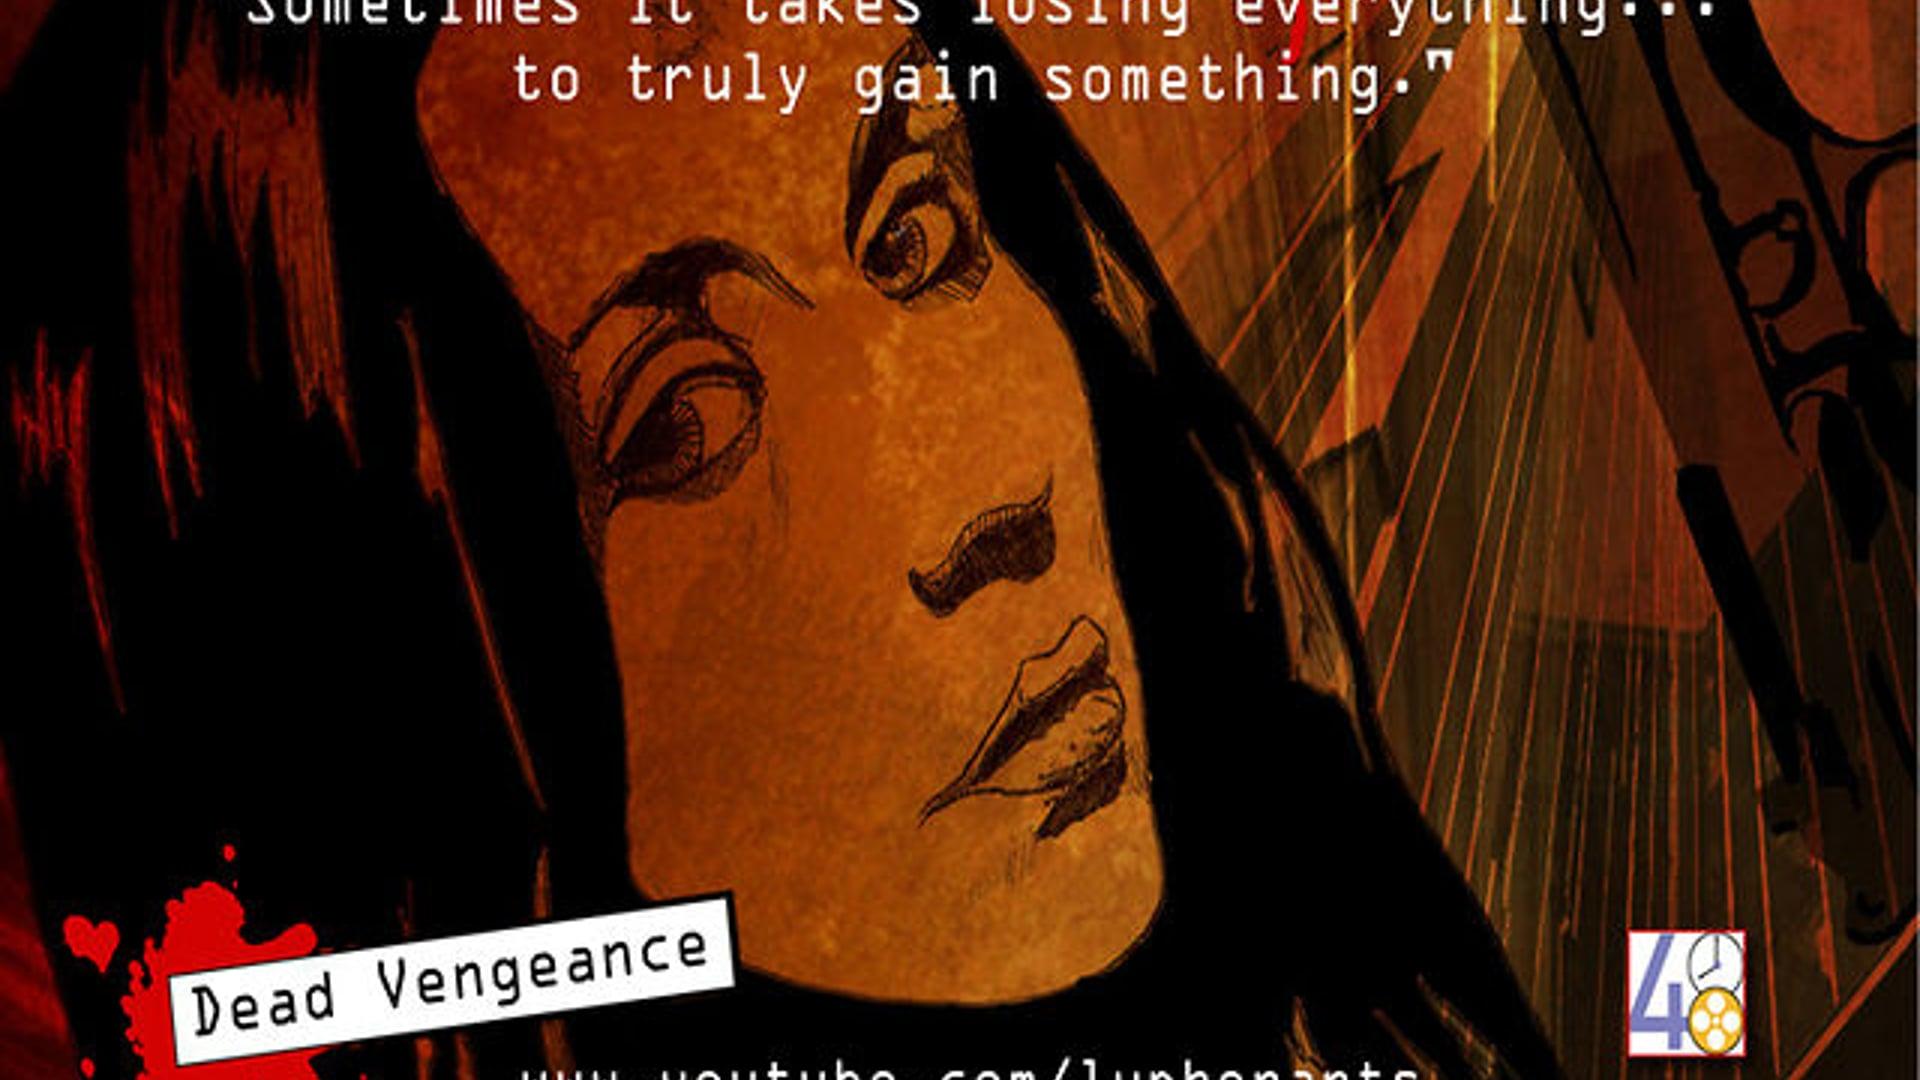 """""""Dead Vengeance"""" a 48 hour film project, Denver 2011"""